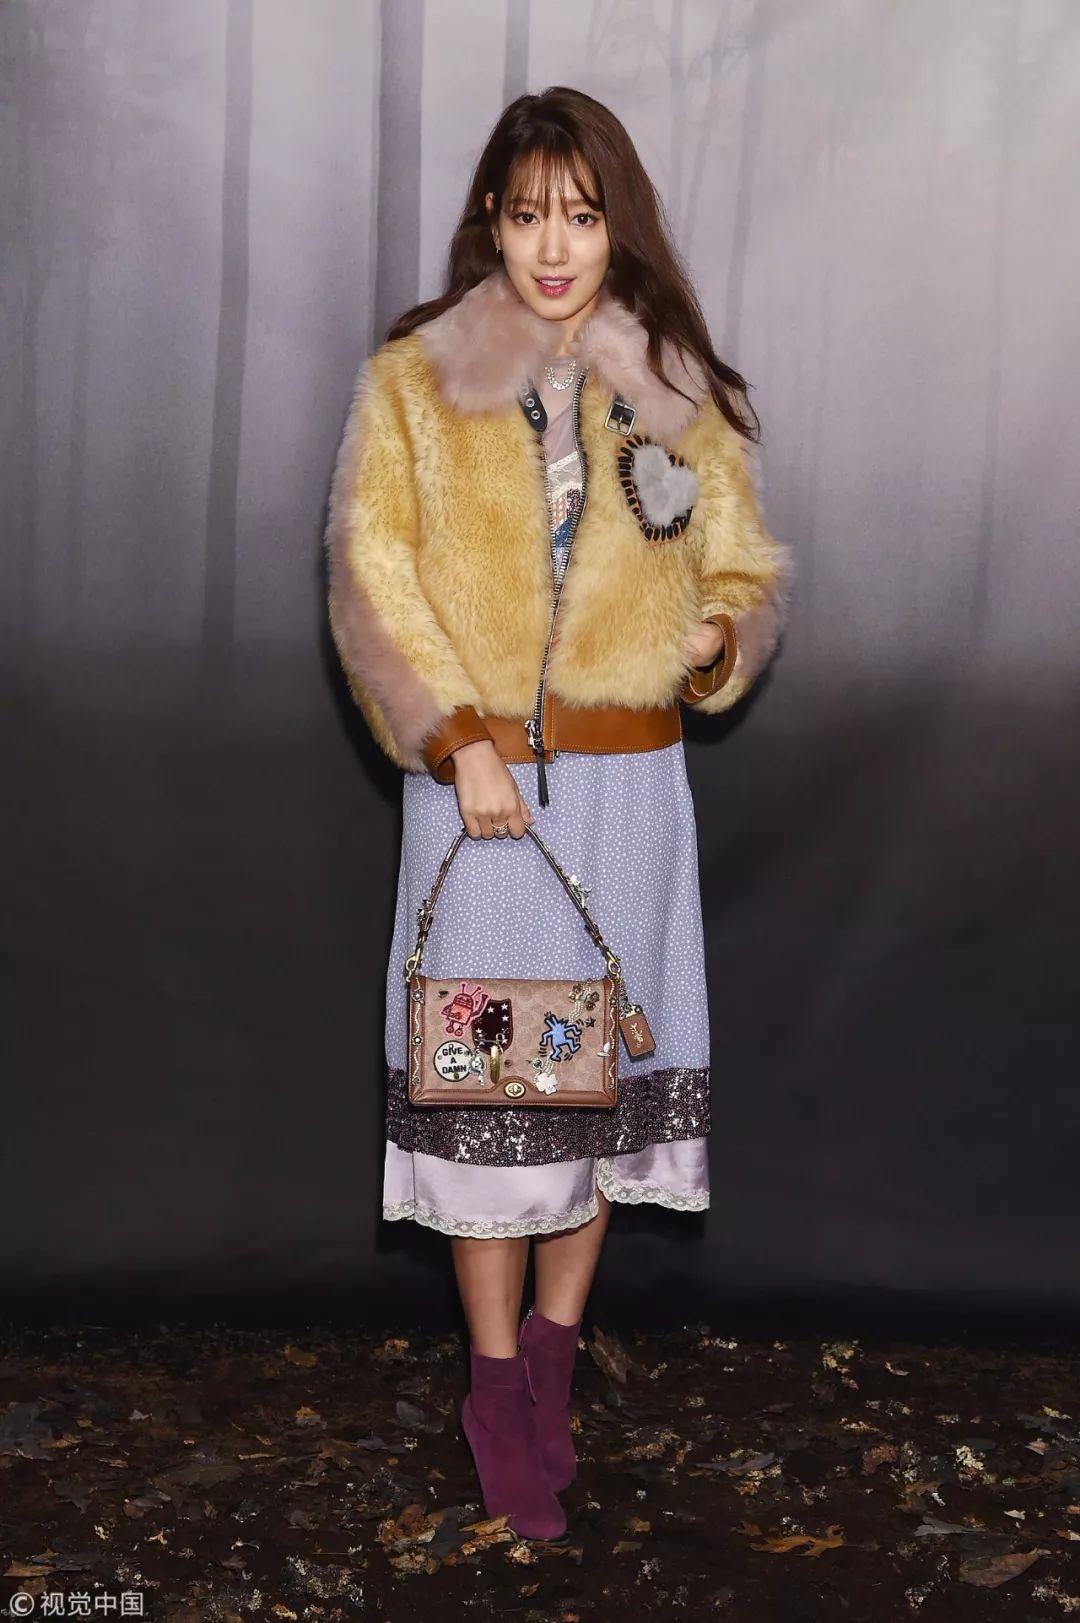 phong cách thời trang tại tuần lễ thời trang Park Shin Hye 1